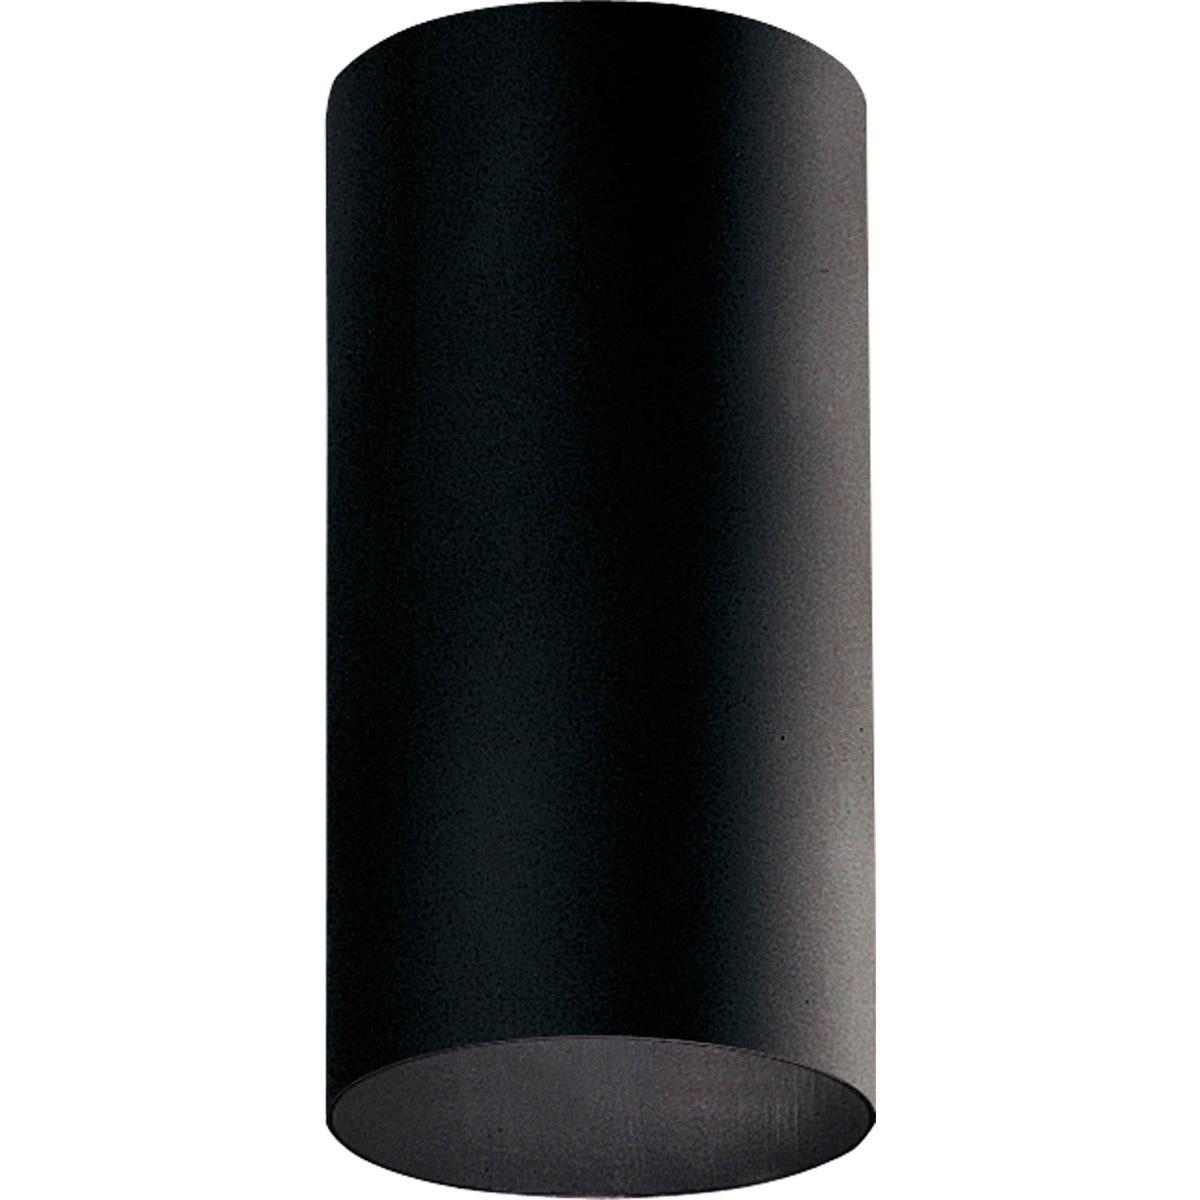 progress lighting p5741 82 30k cylinder outdoor ceiling light fixture